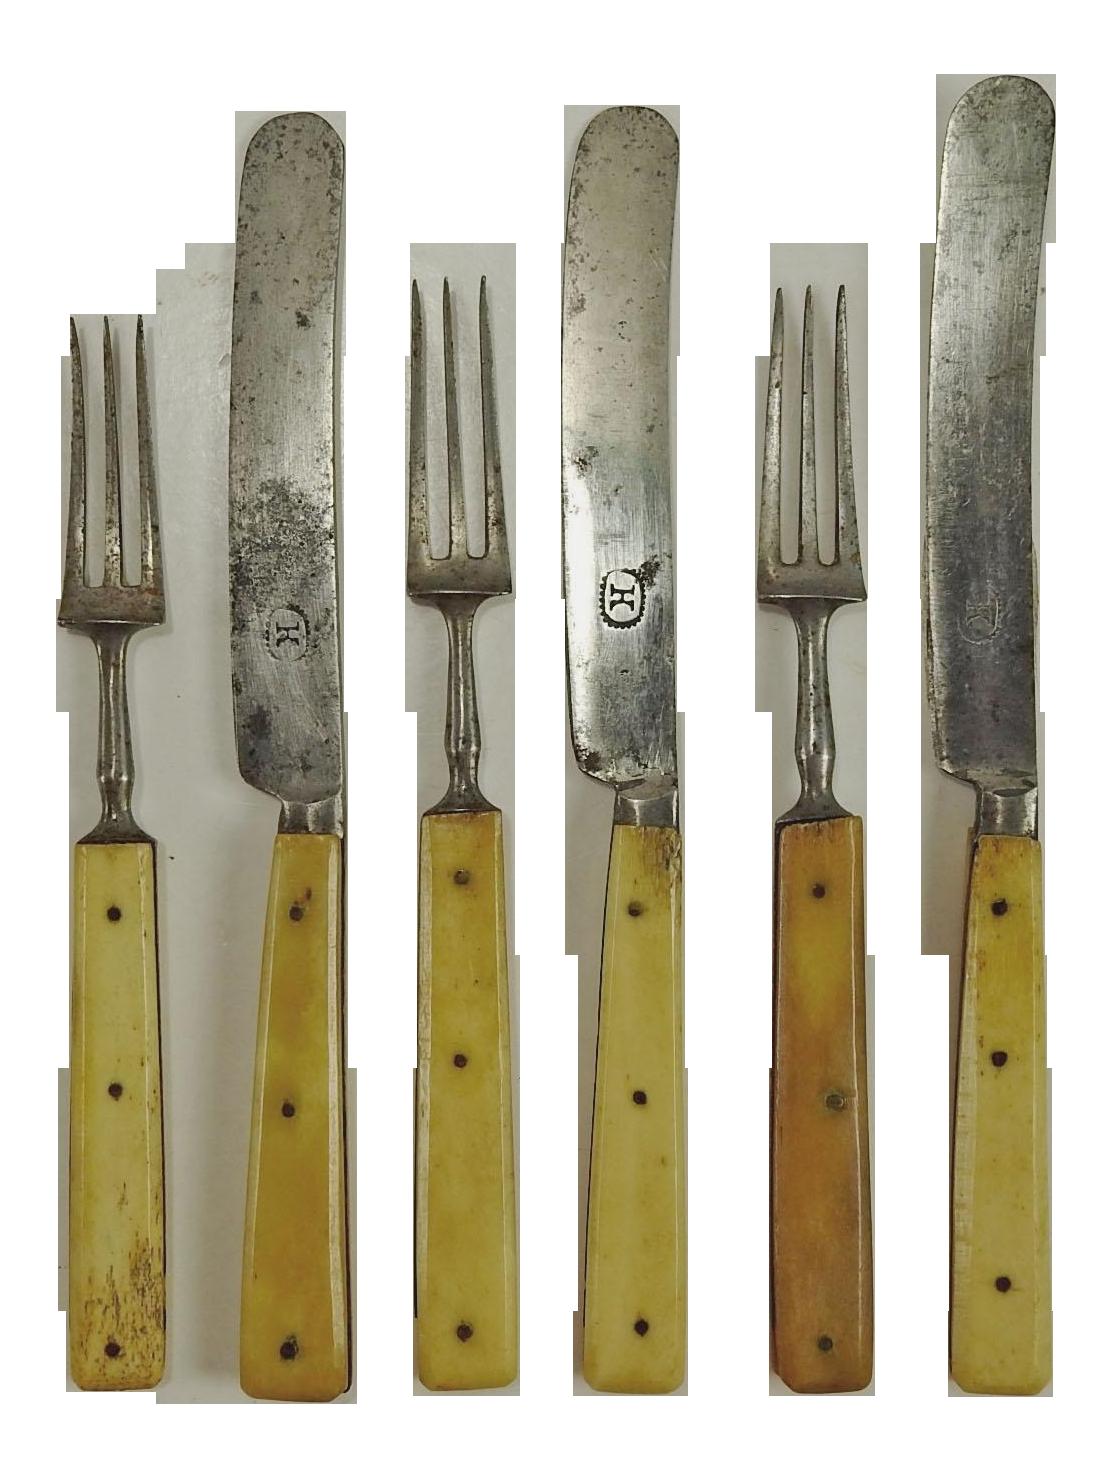 1860 S Small Bone Handled Flatware S 6 Chairish